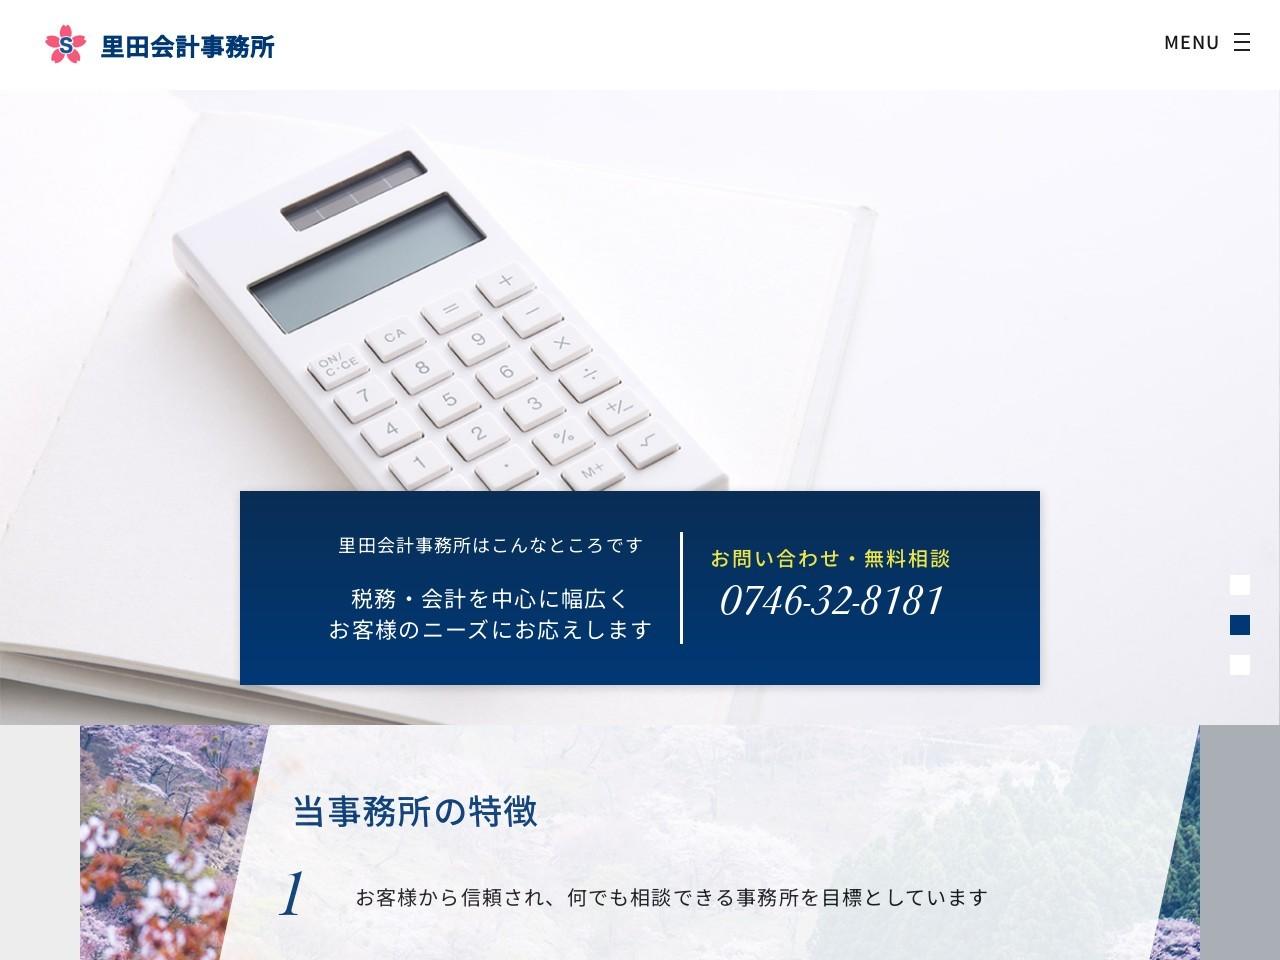 里田会計事務所